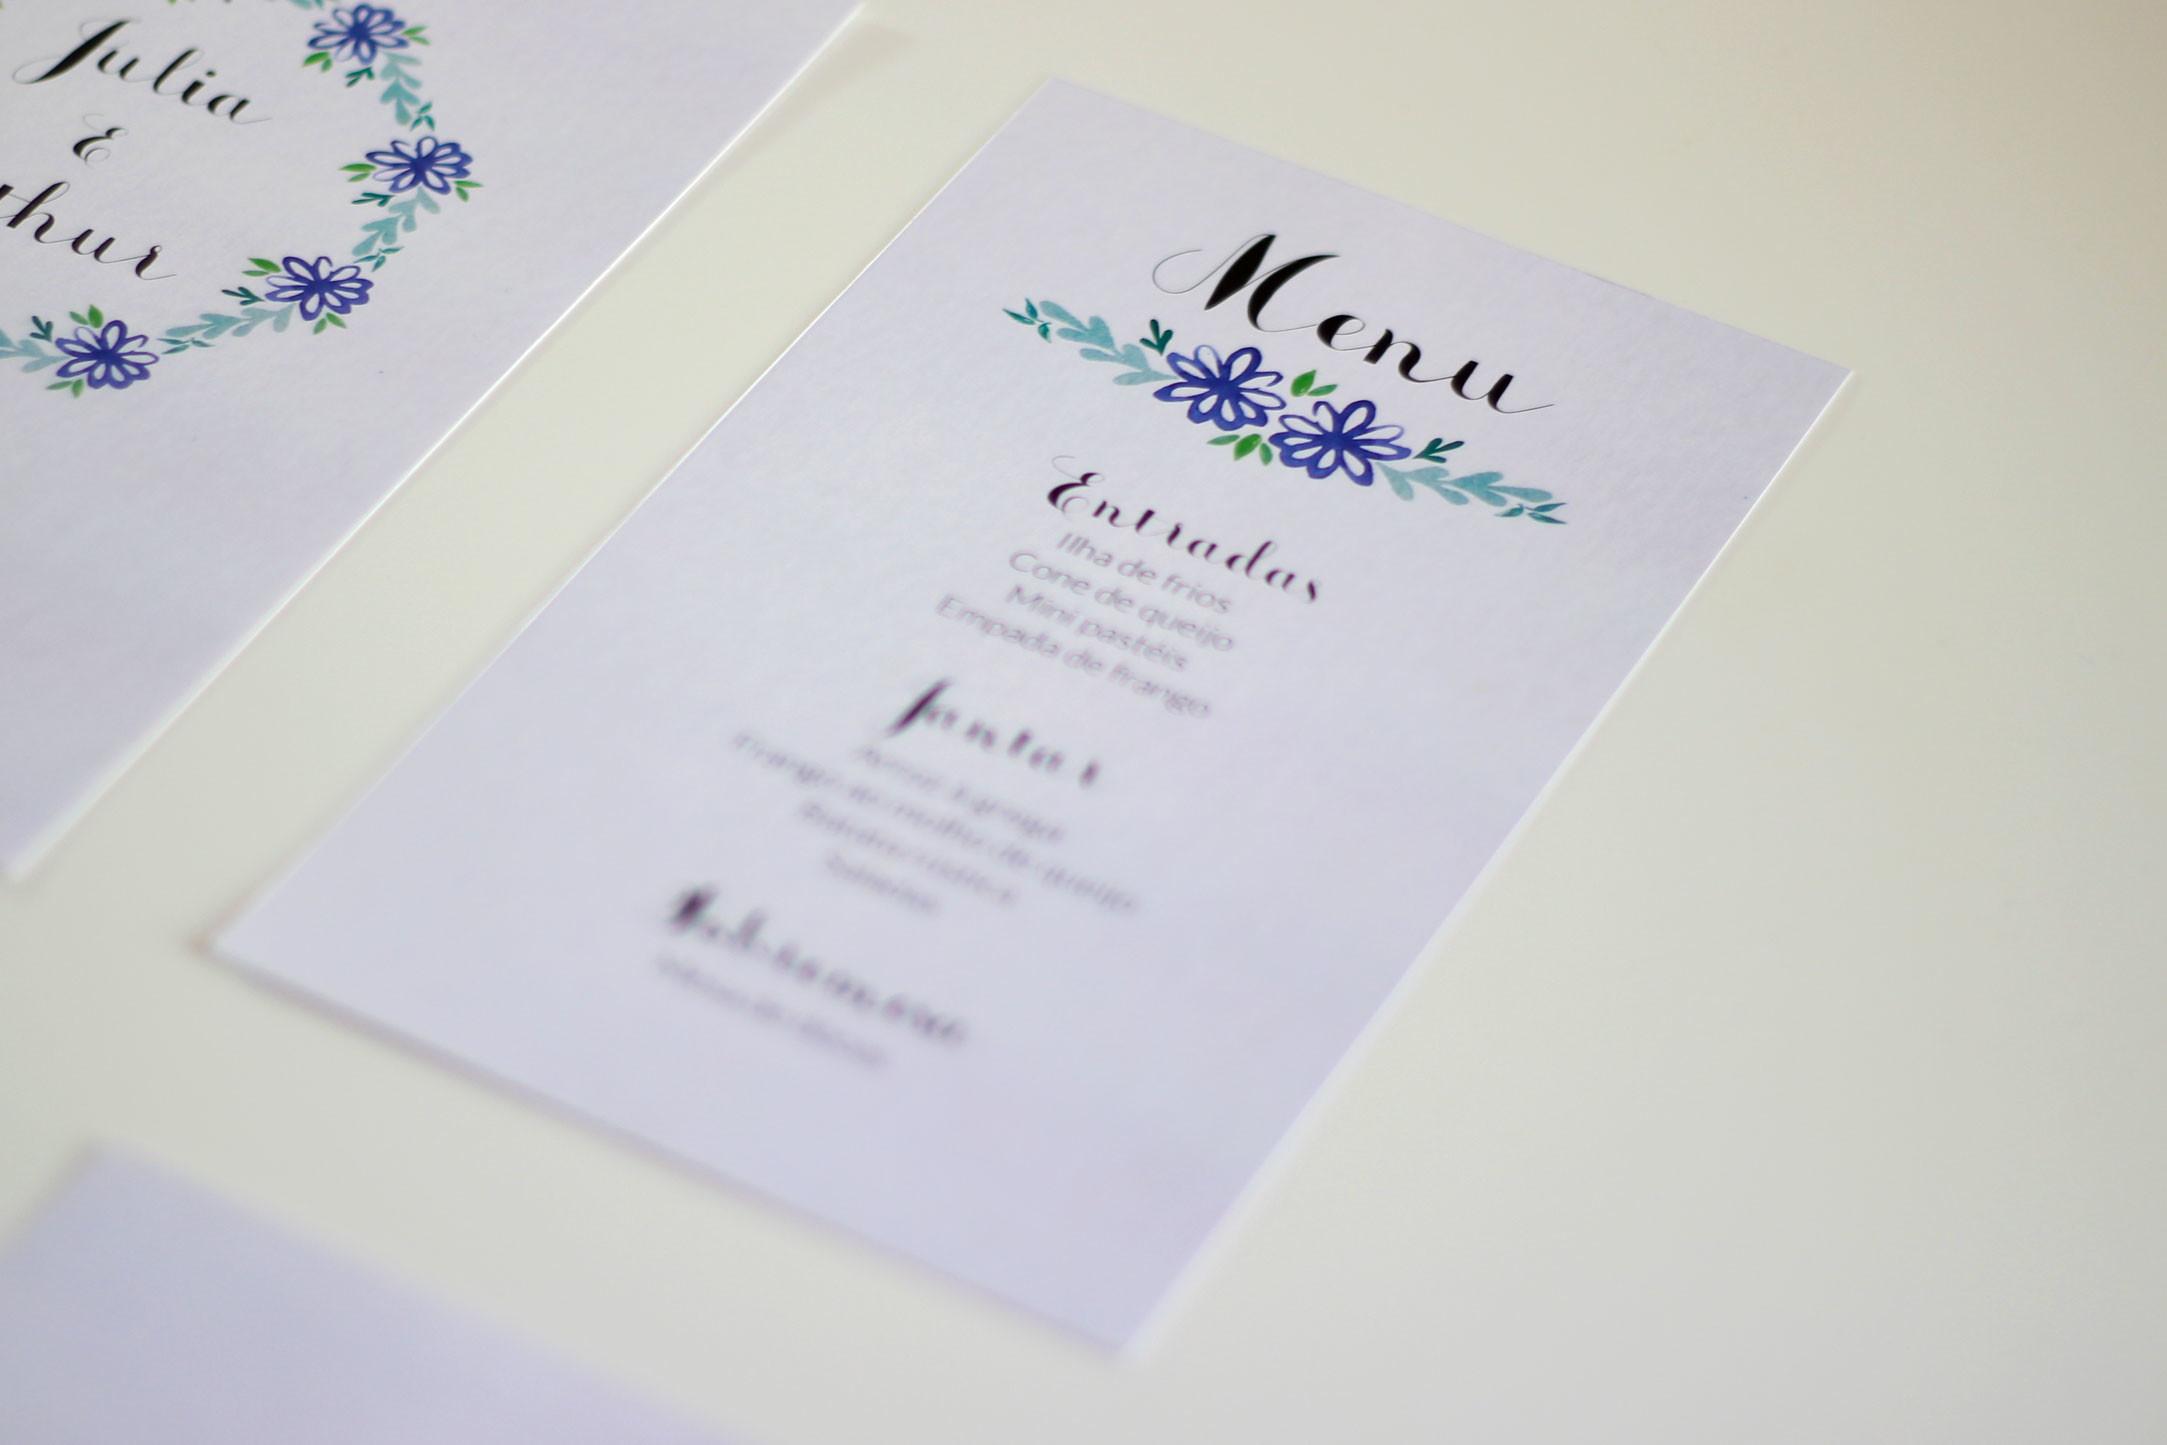 Menu De Casamento Para Imprimir Margarida Roxa No Elo7 De